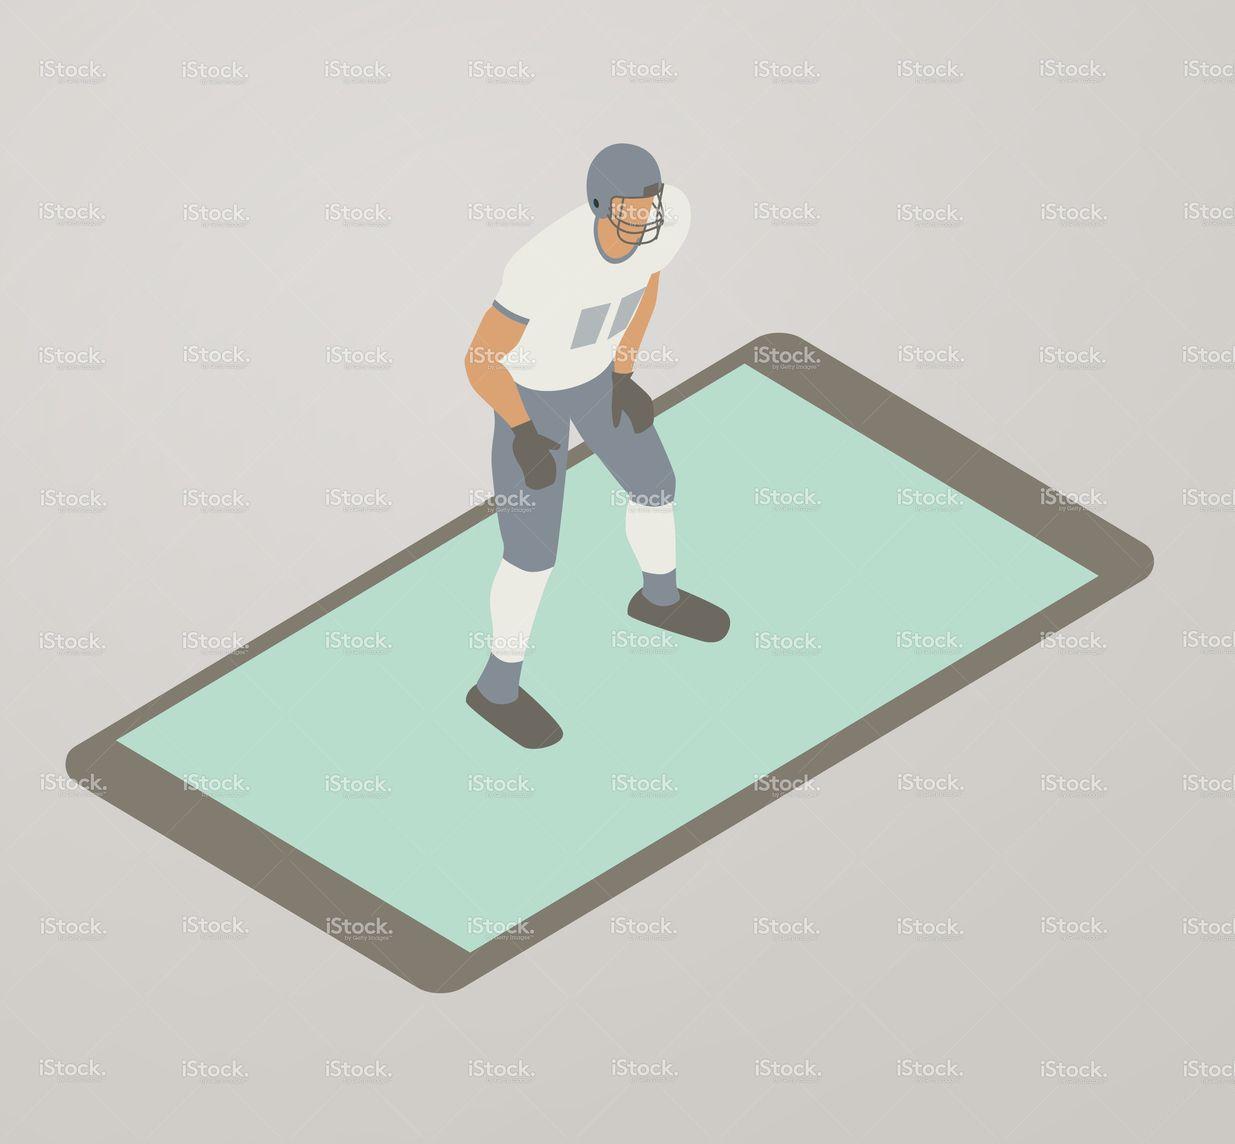 Football App Illustration stock vector art 82486641 - iStock